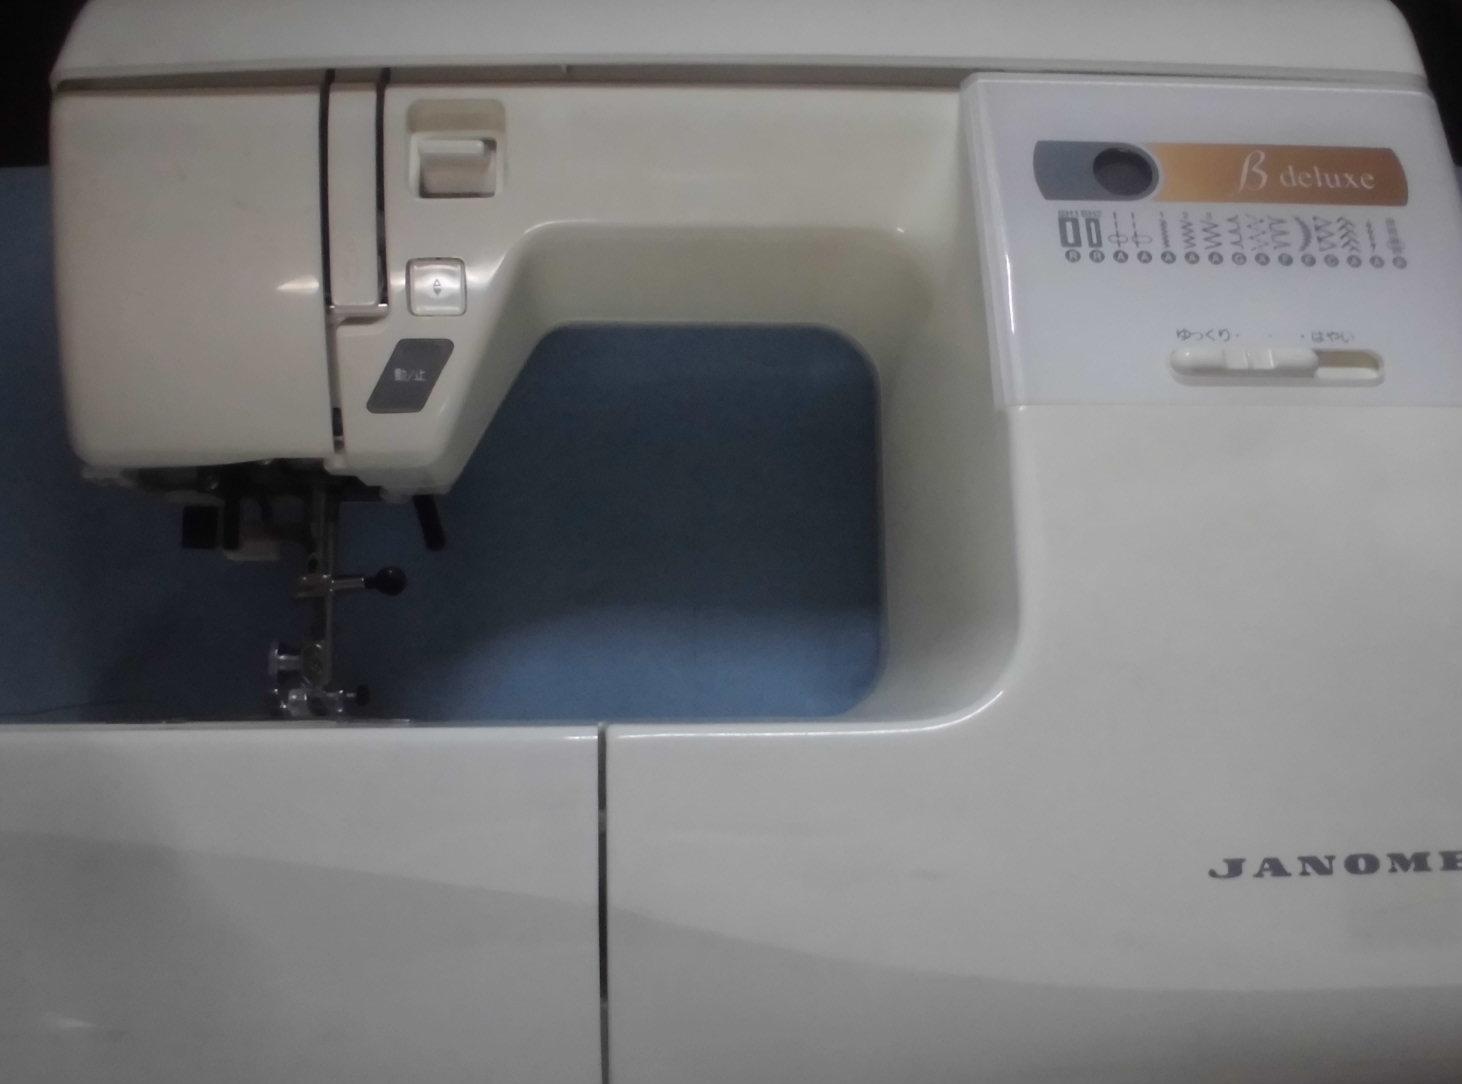 ジャノメミシンの修理|model655|βデラックス|針が取り付けられない、縫えない、布を送らない